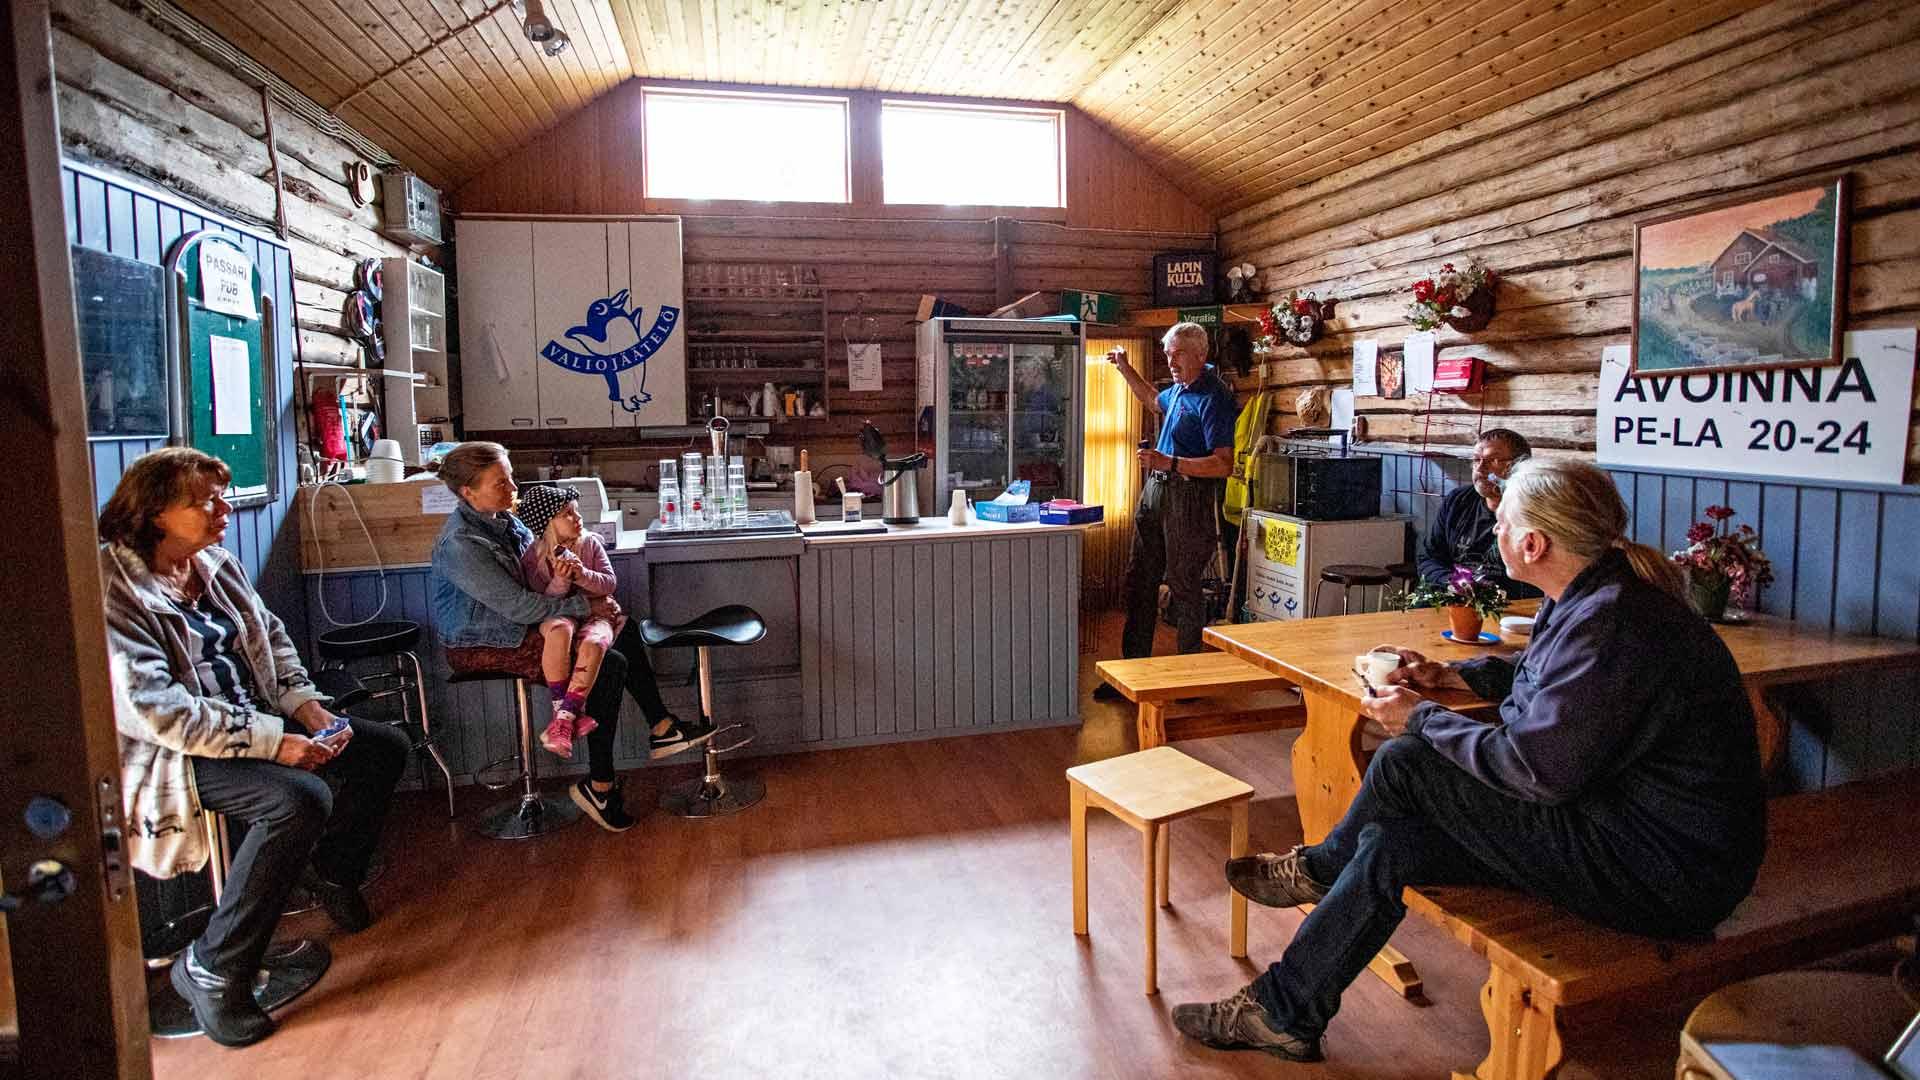 Koittilassa kylätoiminnalla on pitkät perinteet. Leila Saari (vas.), Seppo Laitinen, Tuomo Janhunen ja Markku Laitinen ovat ahkeroineet kylän puolesta jo vuosikymmeniä. Maisa ja Tilda Juntunen (keskellä) ovat uudempia aktiiveja.